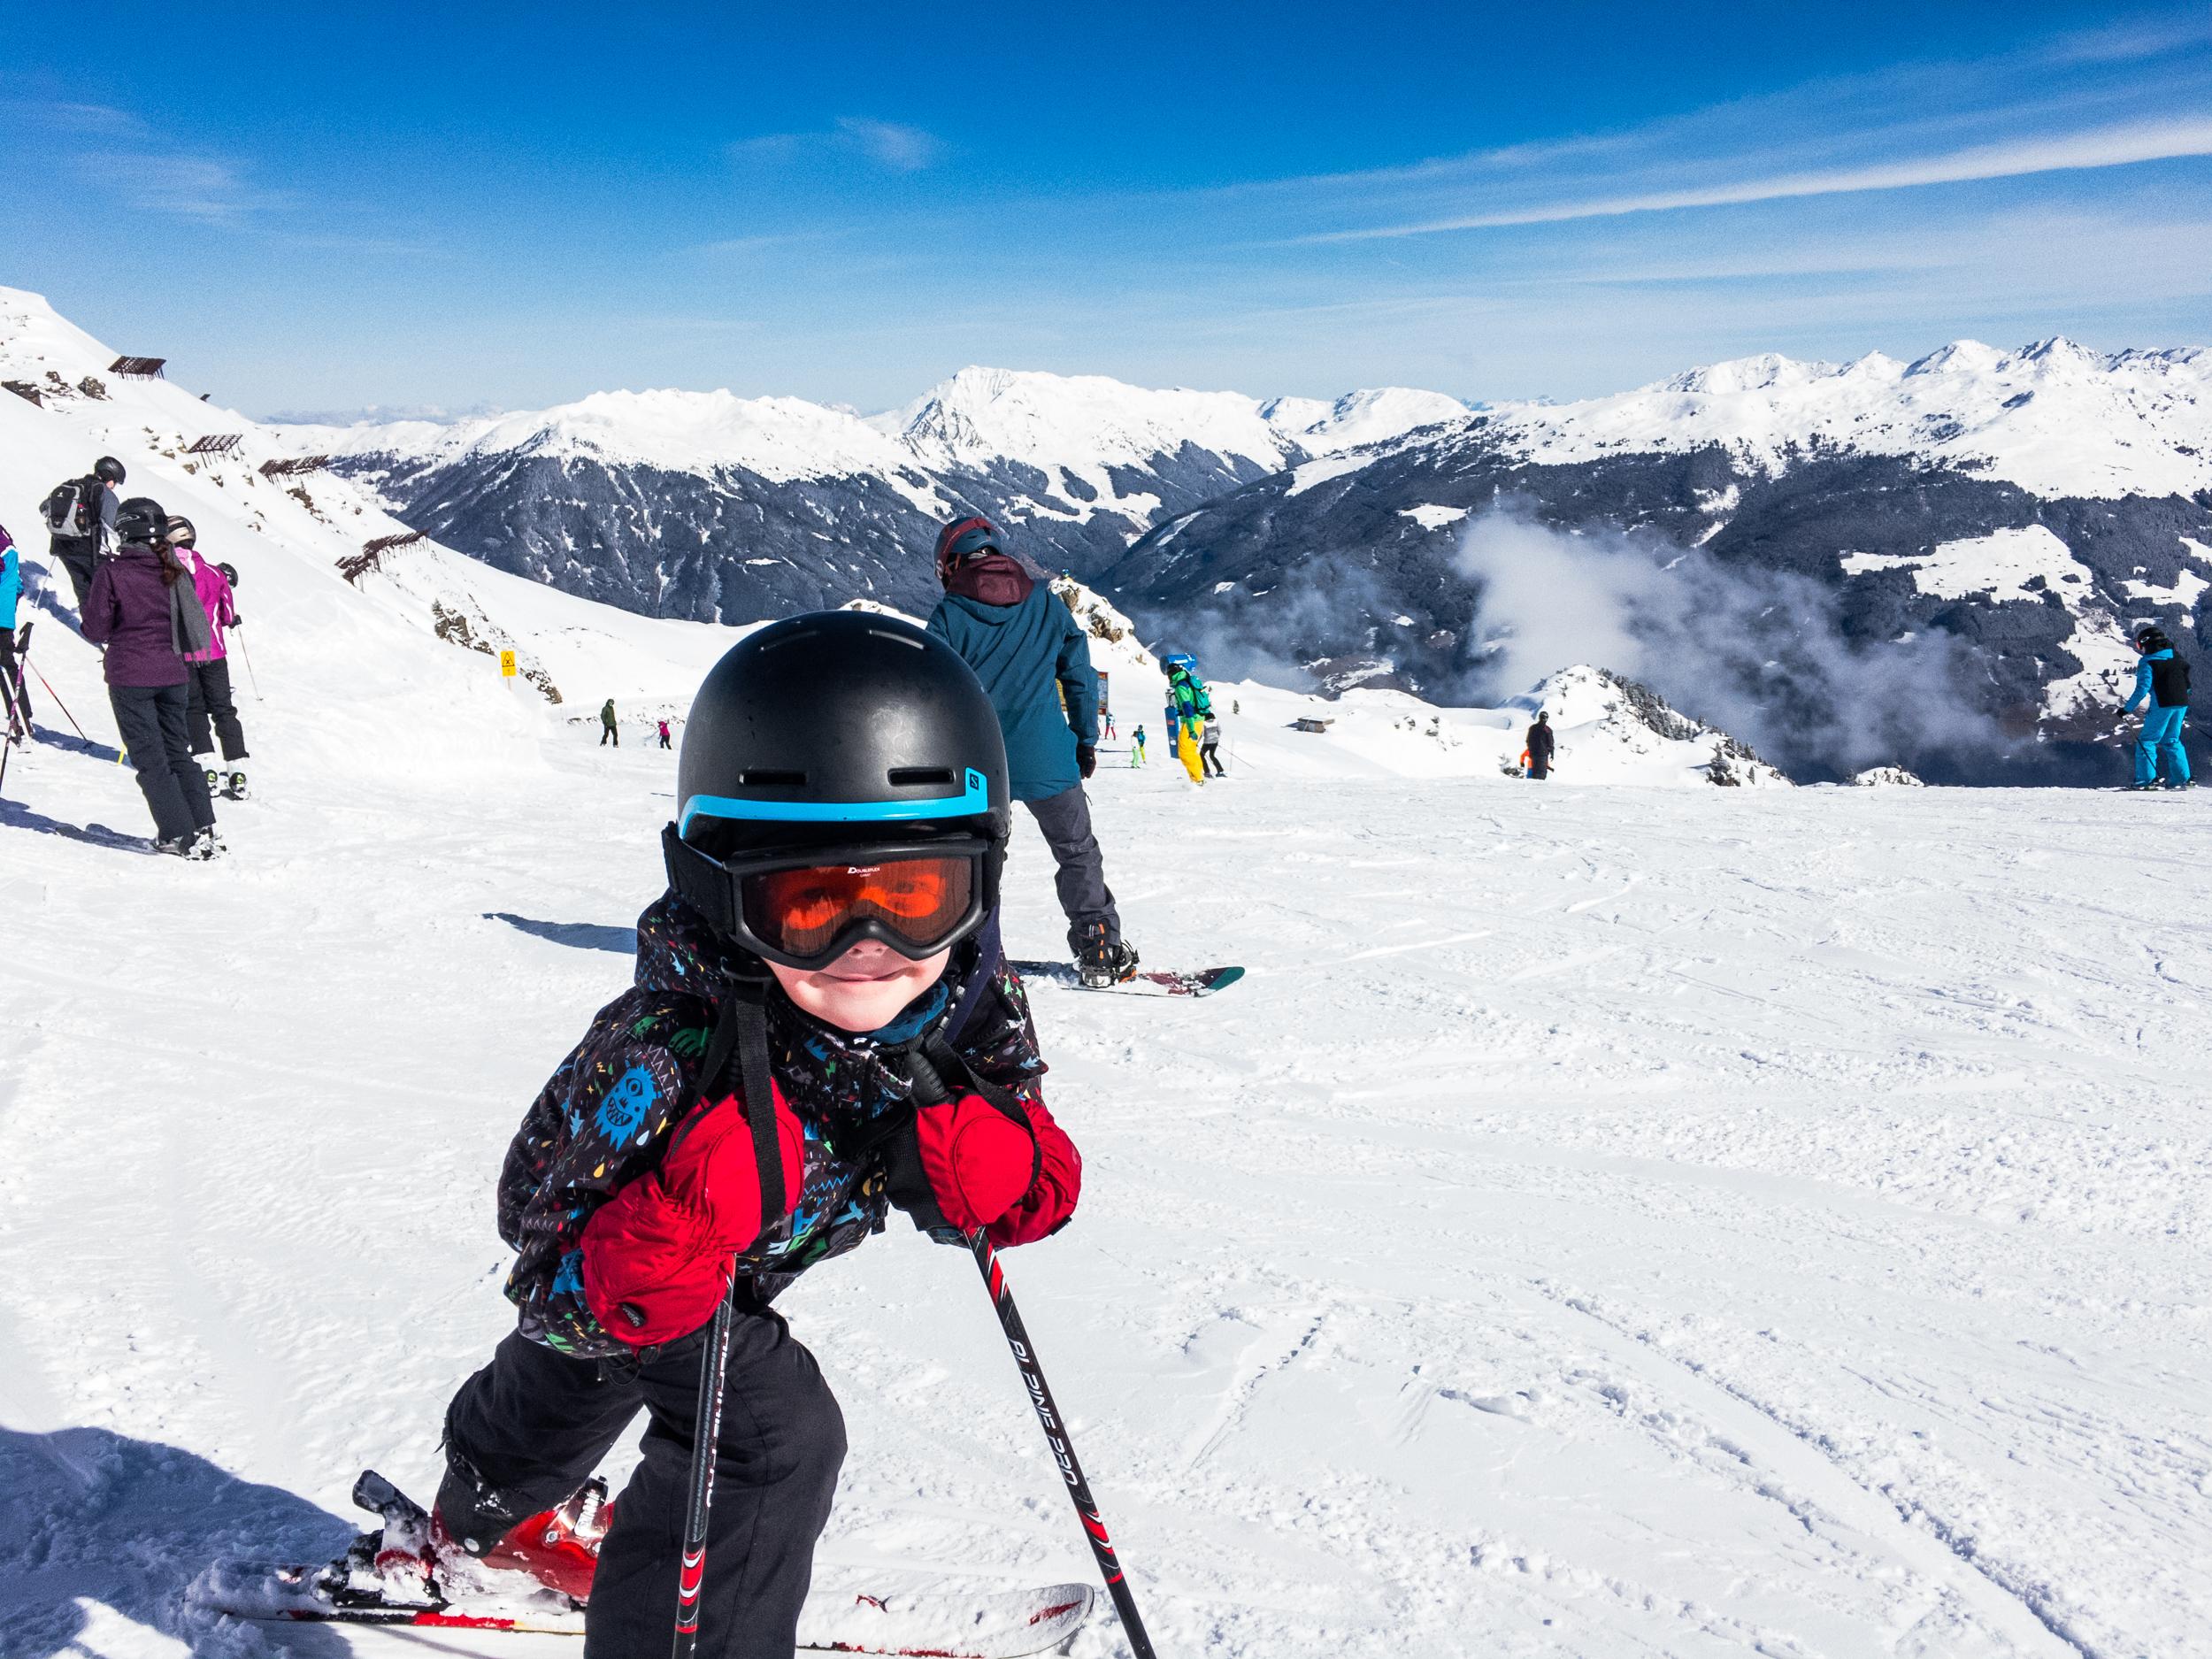 skiday 17_03.jpg